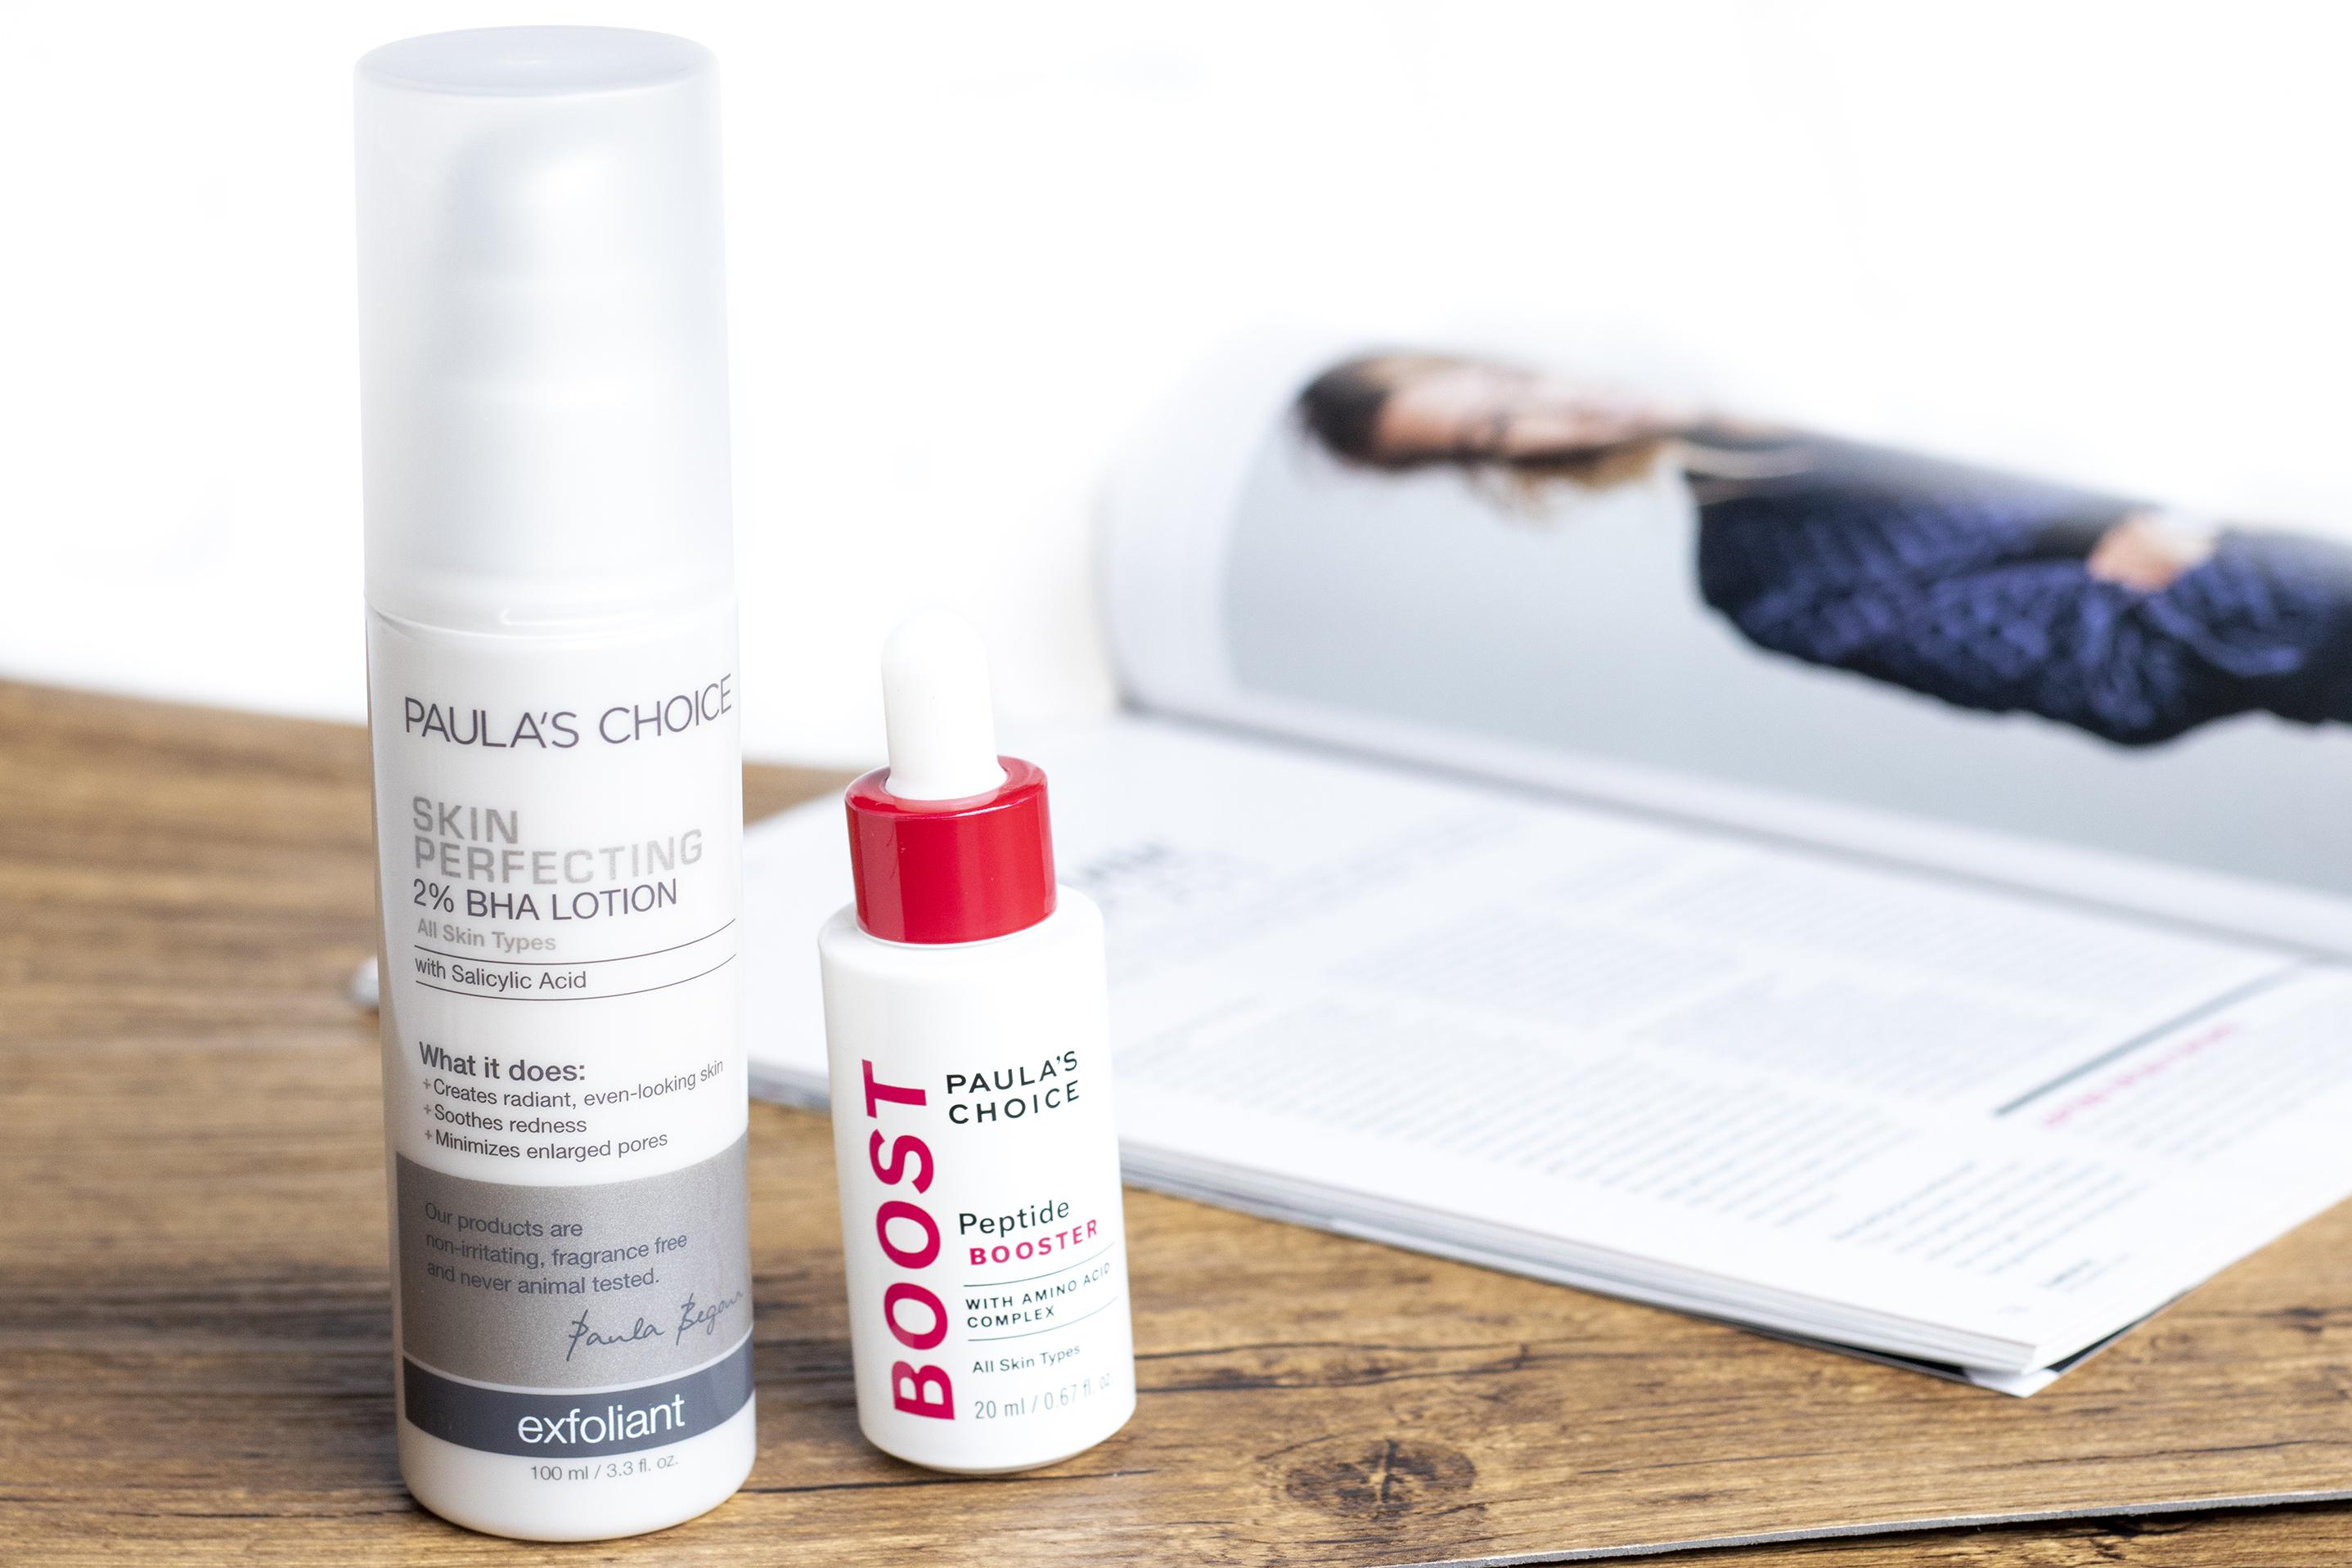 paula's choice huidverzorging review